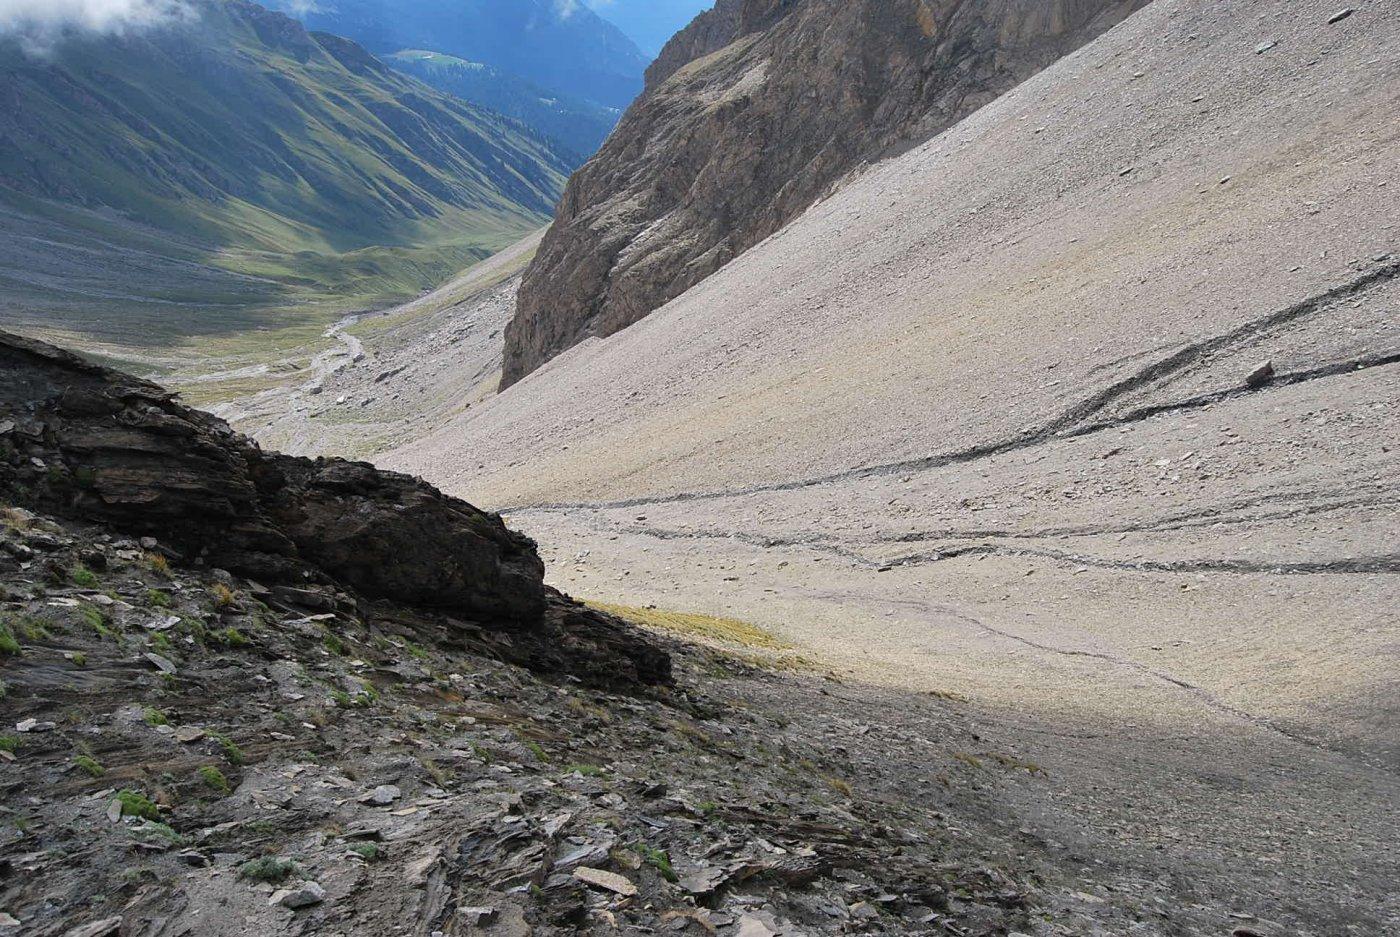 La salita vista dal colle; in fondo al vallone il dosso erboso con l'Alpe Gran Plan